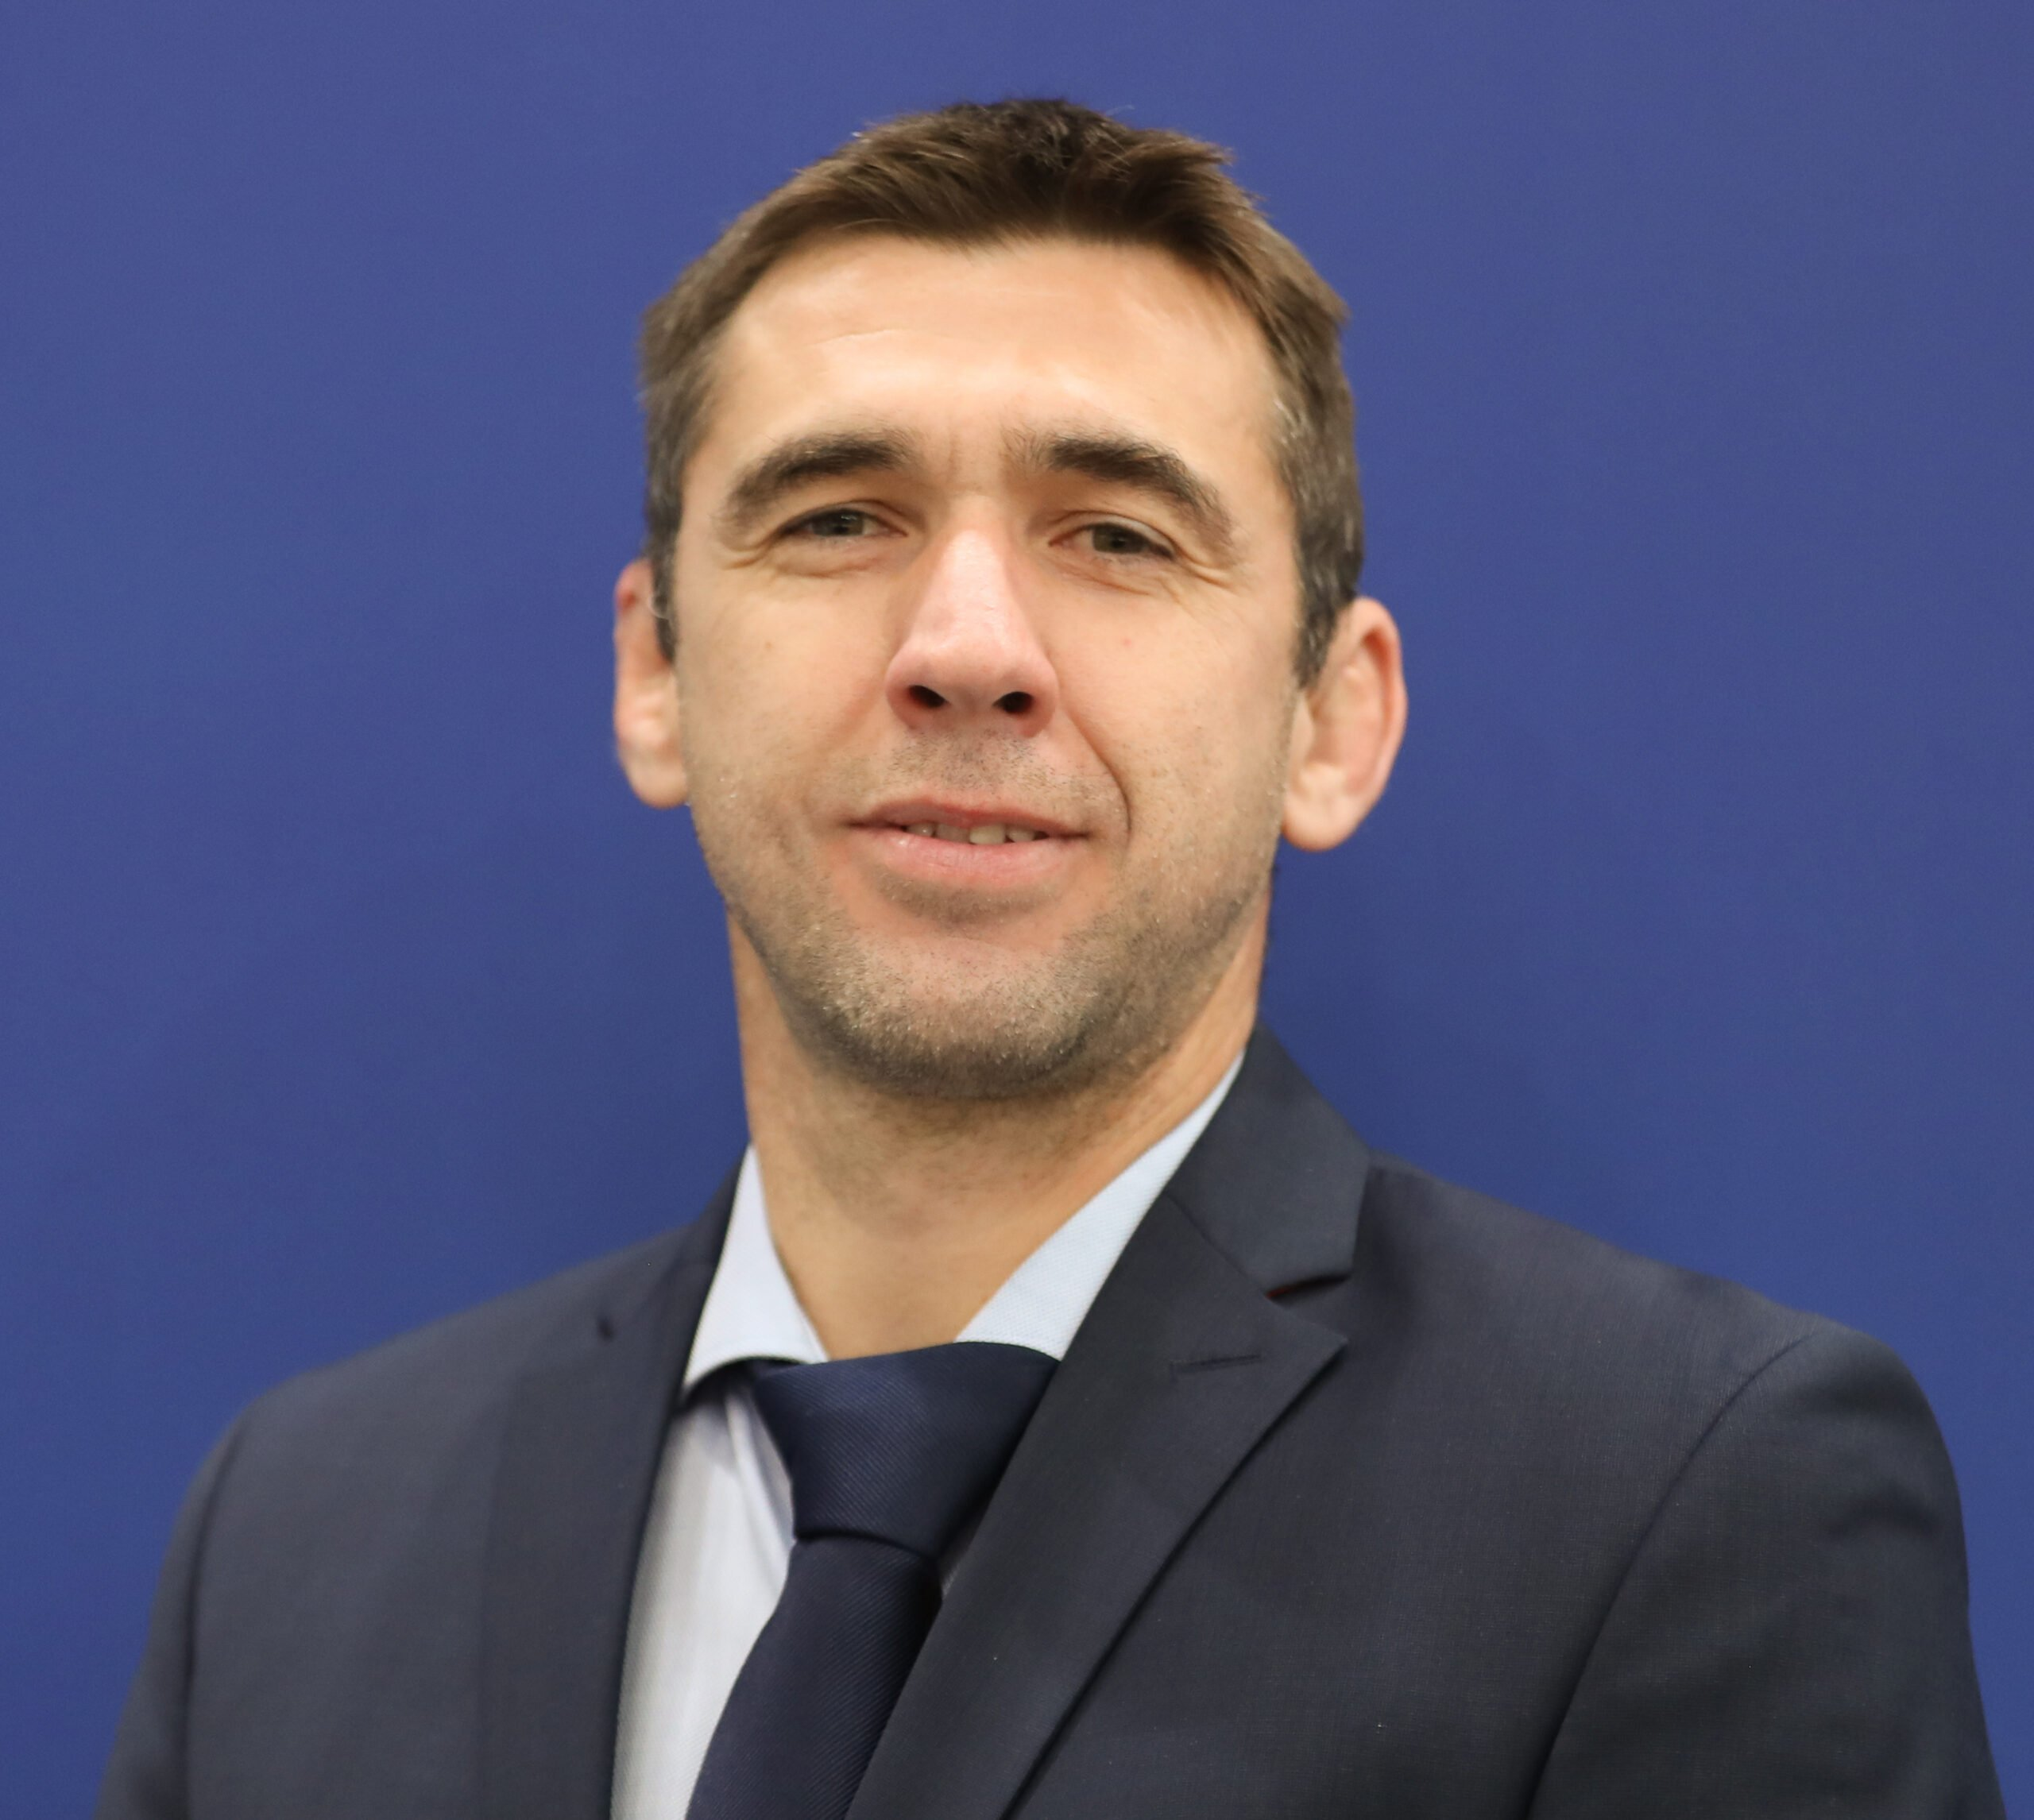 Mr. Akos Braun